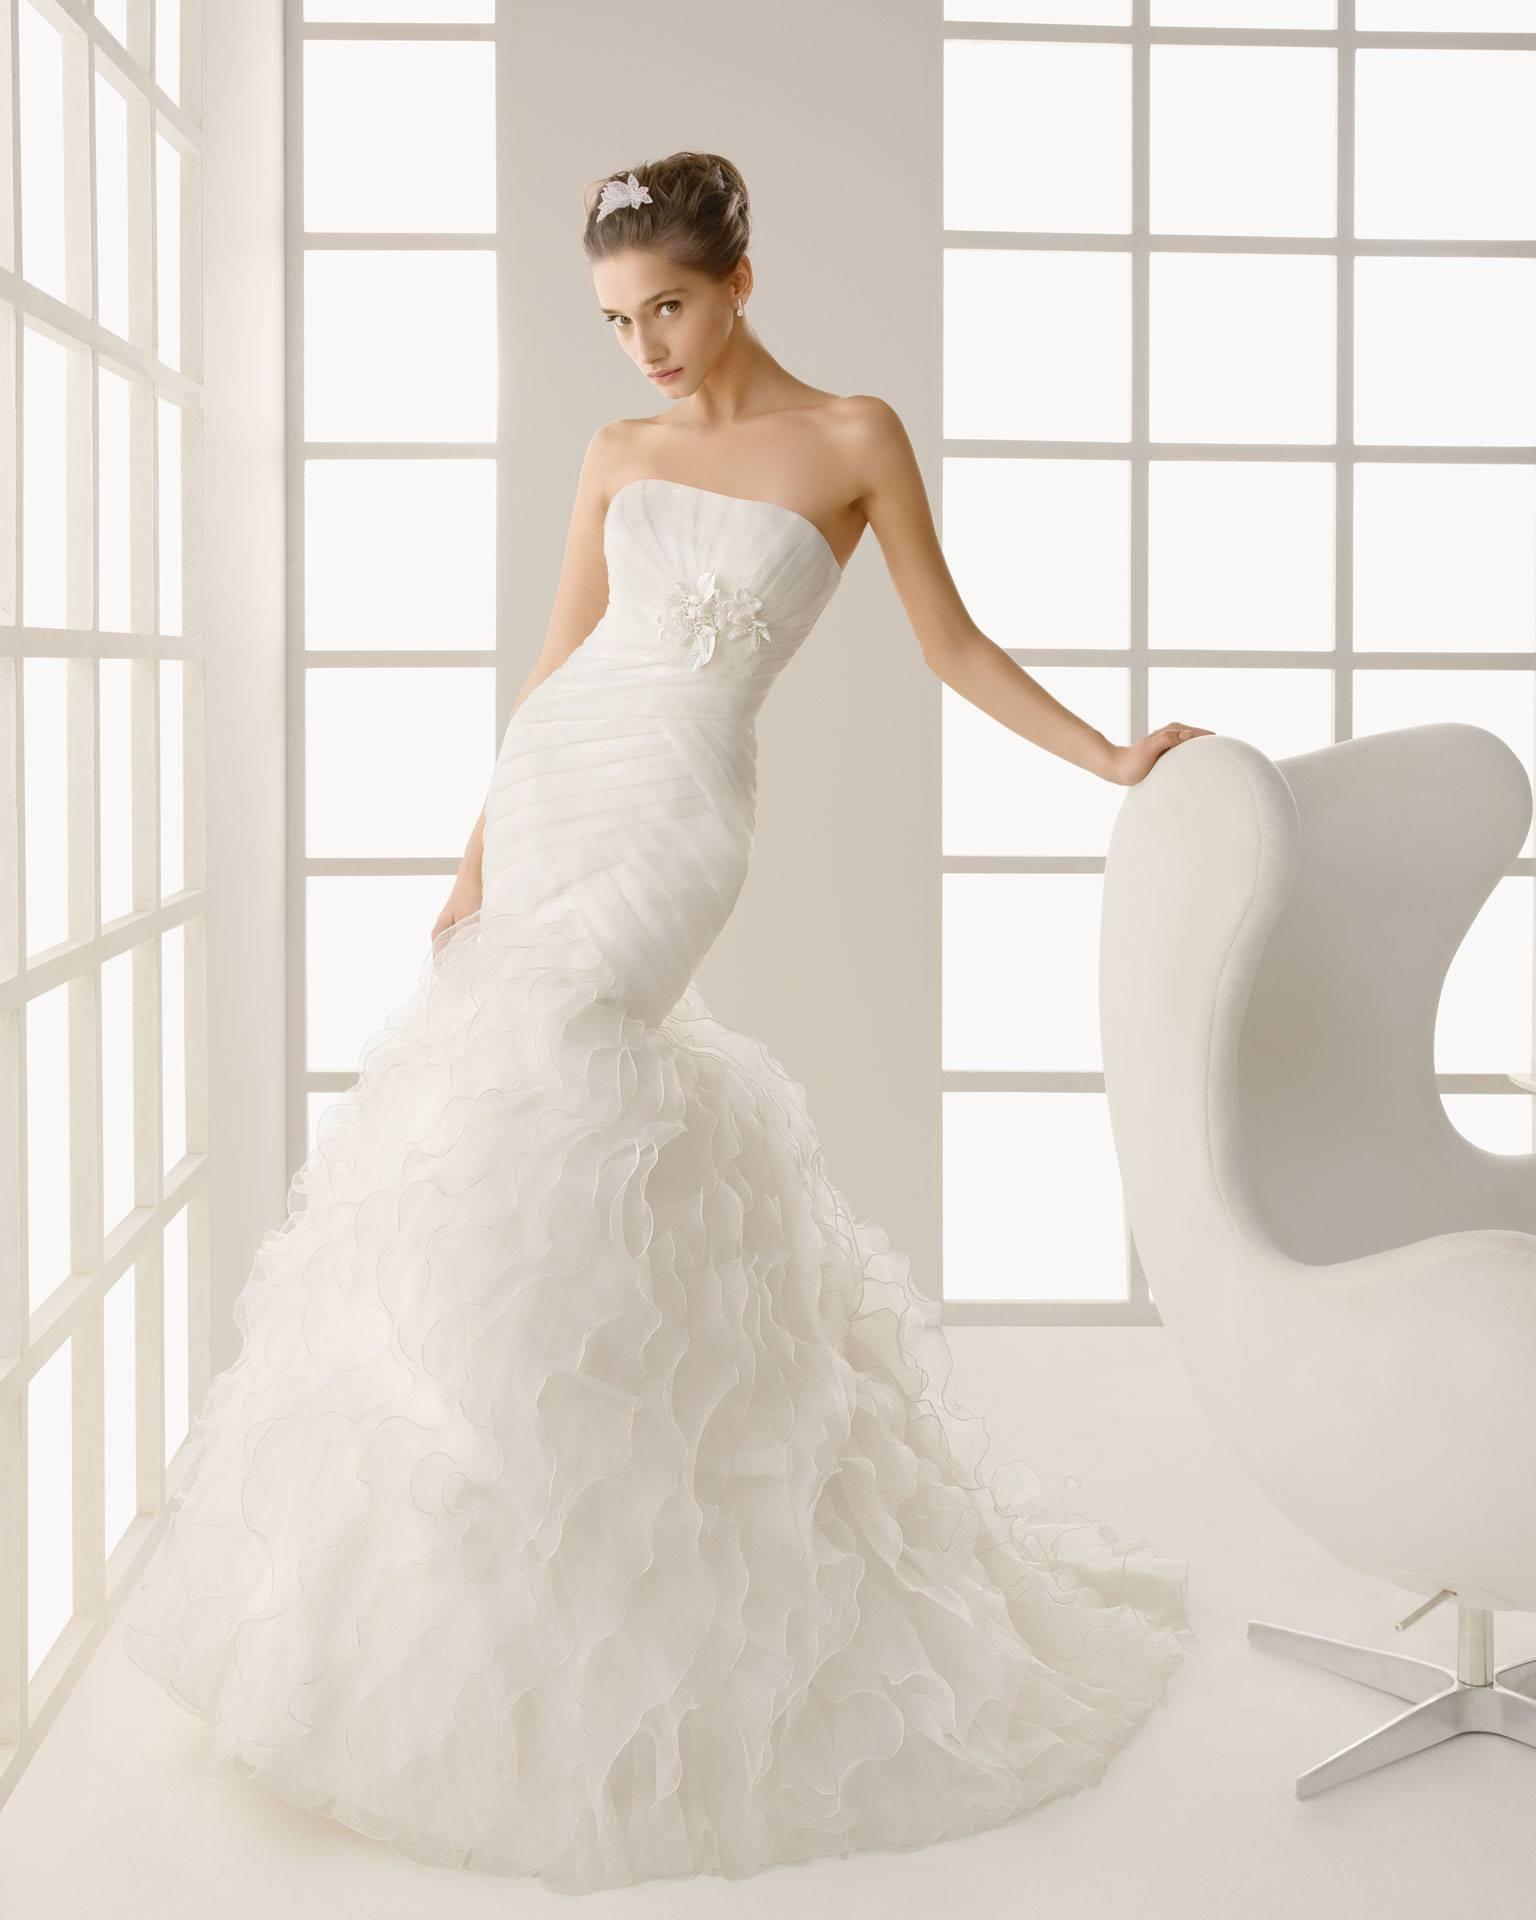 Свадебное платье русалка фото невест